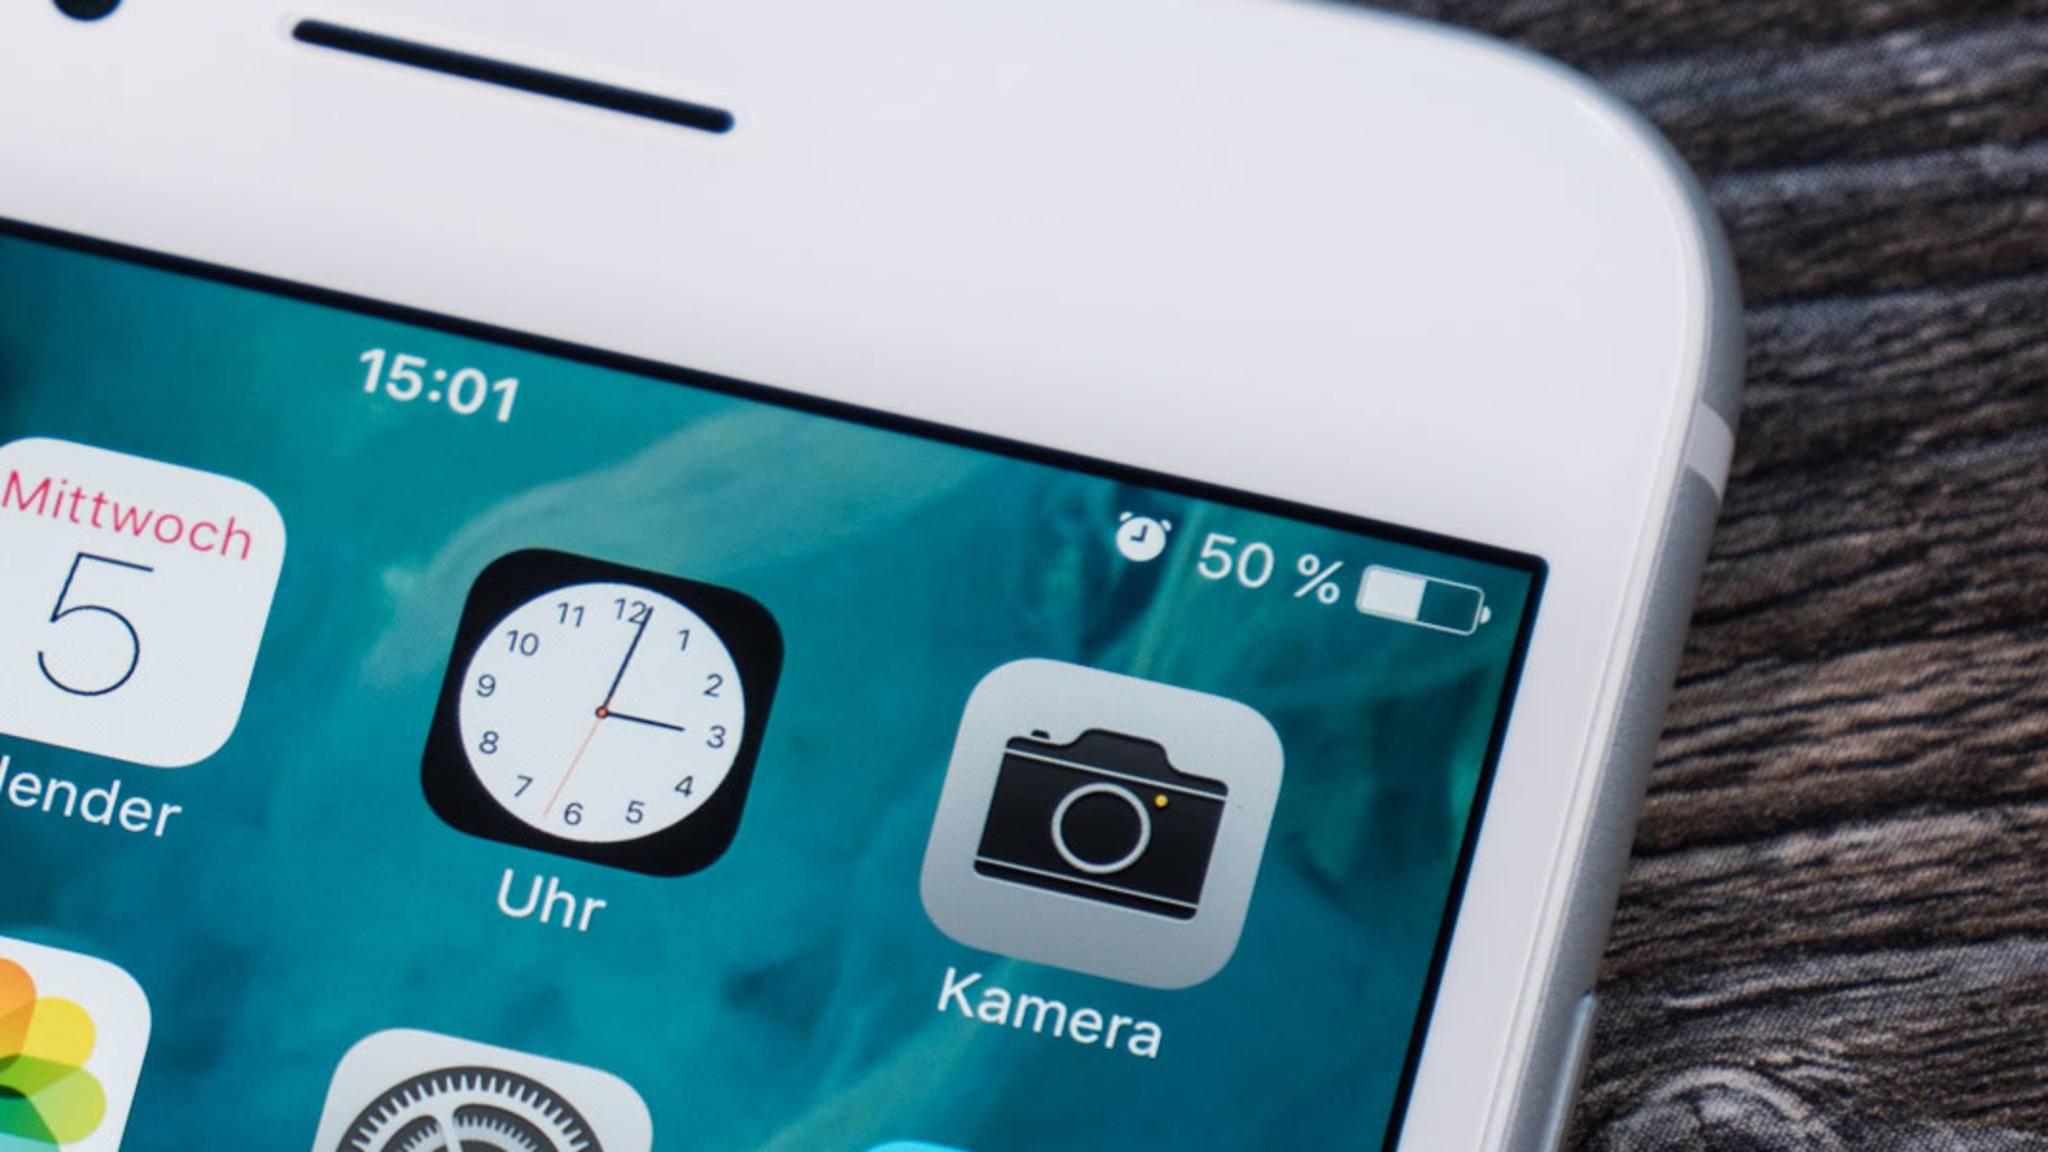 Wer wert auf bessere Akkulaufzeit legt, ist mit dem iPhone 7 Plus deutlich besser bedient.